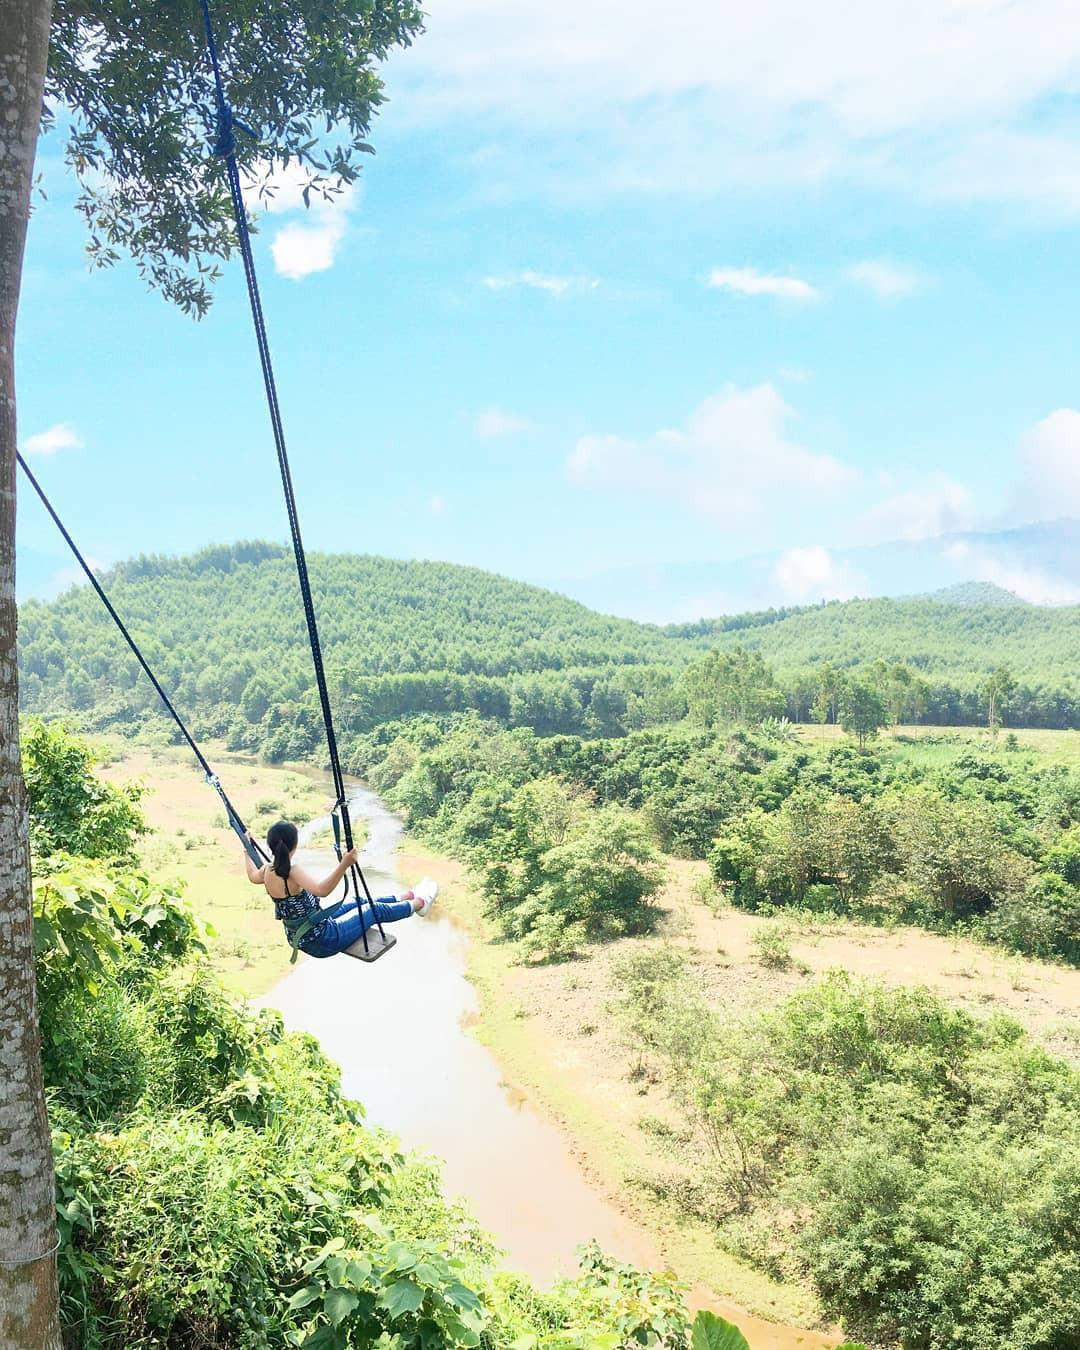 """Cần gì đến Bali, tại Việt Nam cũng có xích đu gỗ view trọn thung lũng tha hồ cho bạn """"thót tim"""" bay lượn! - Ảnh 14."""